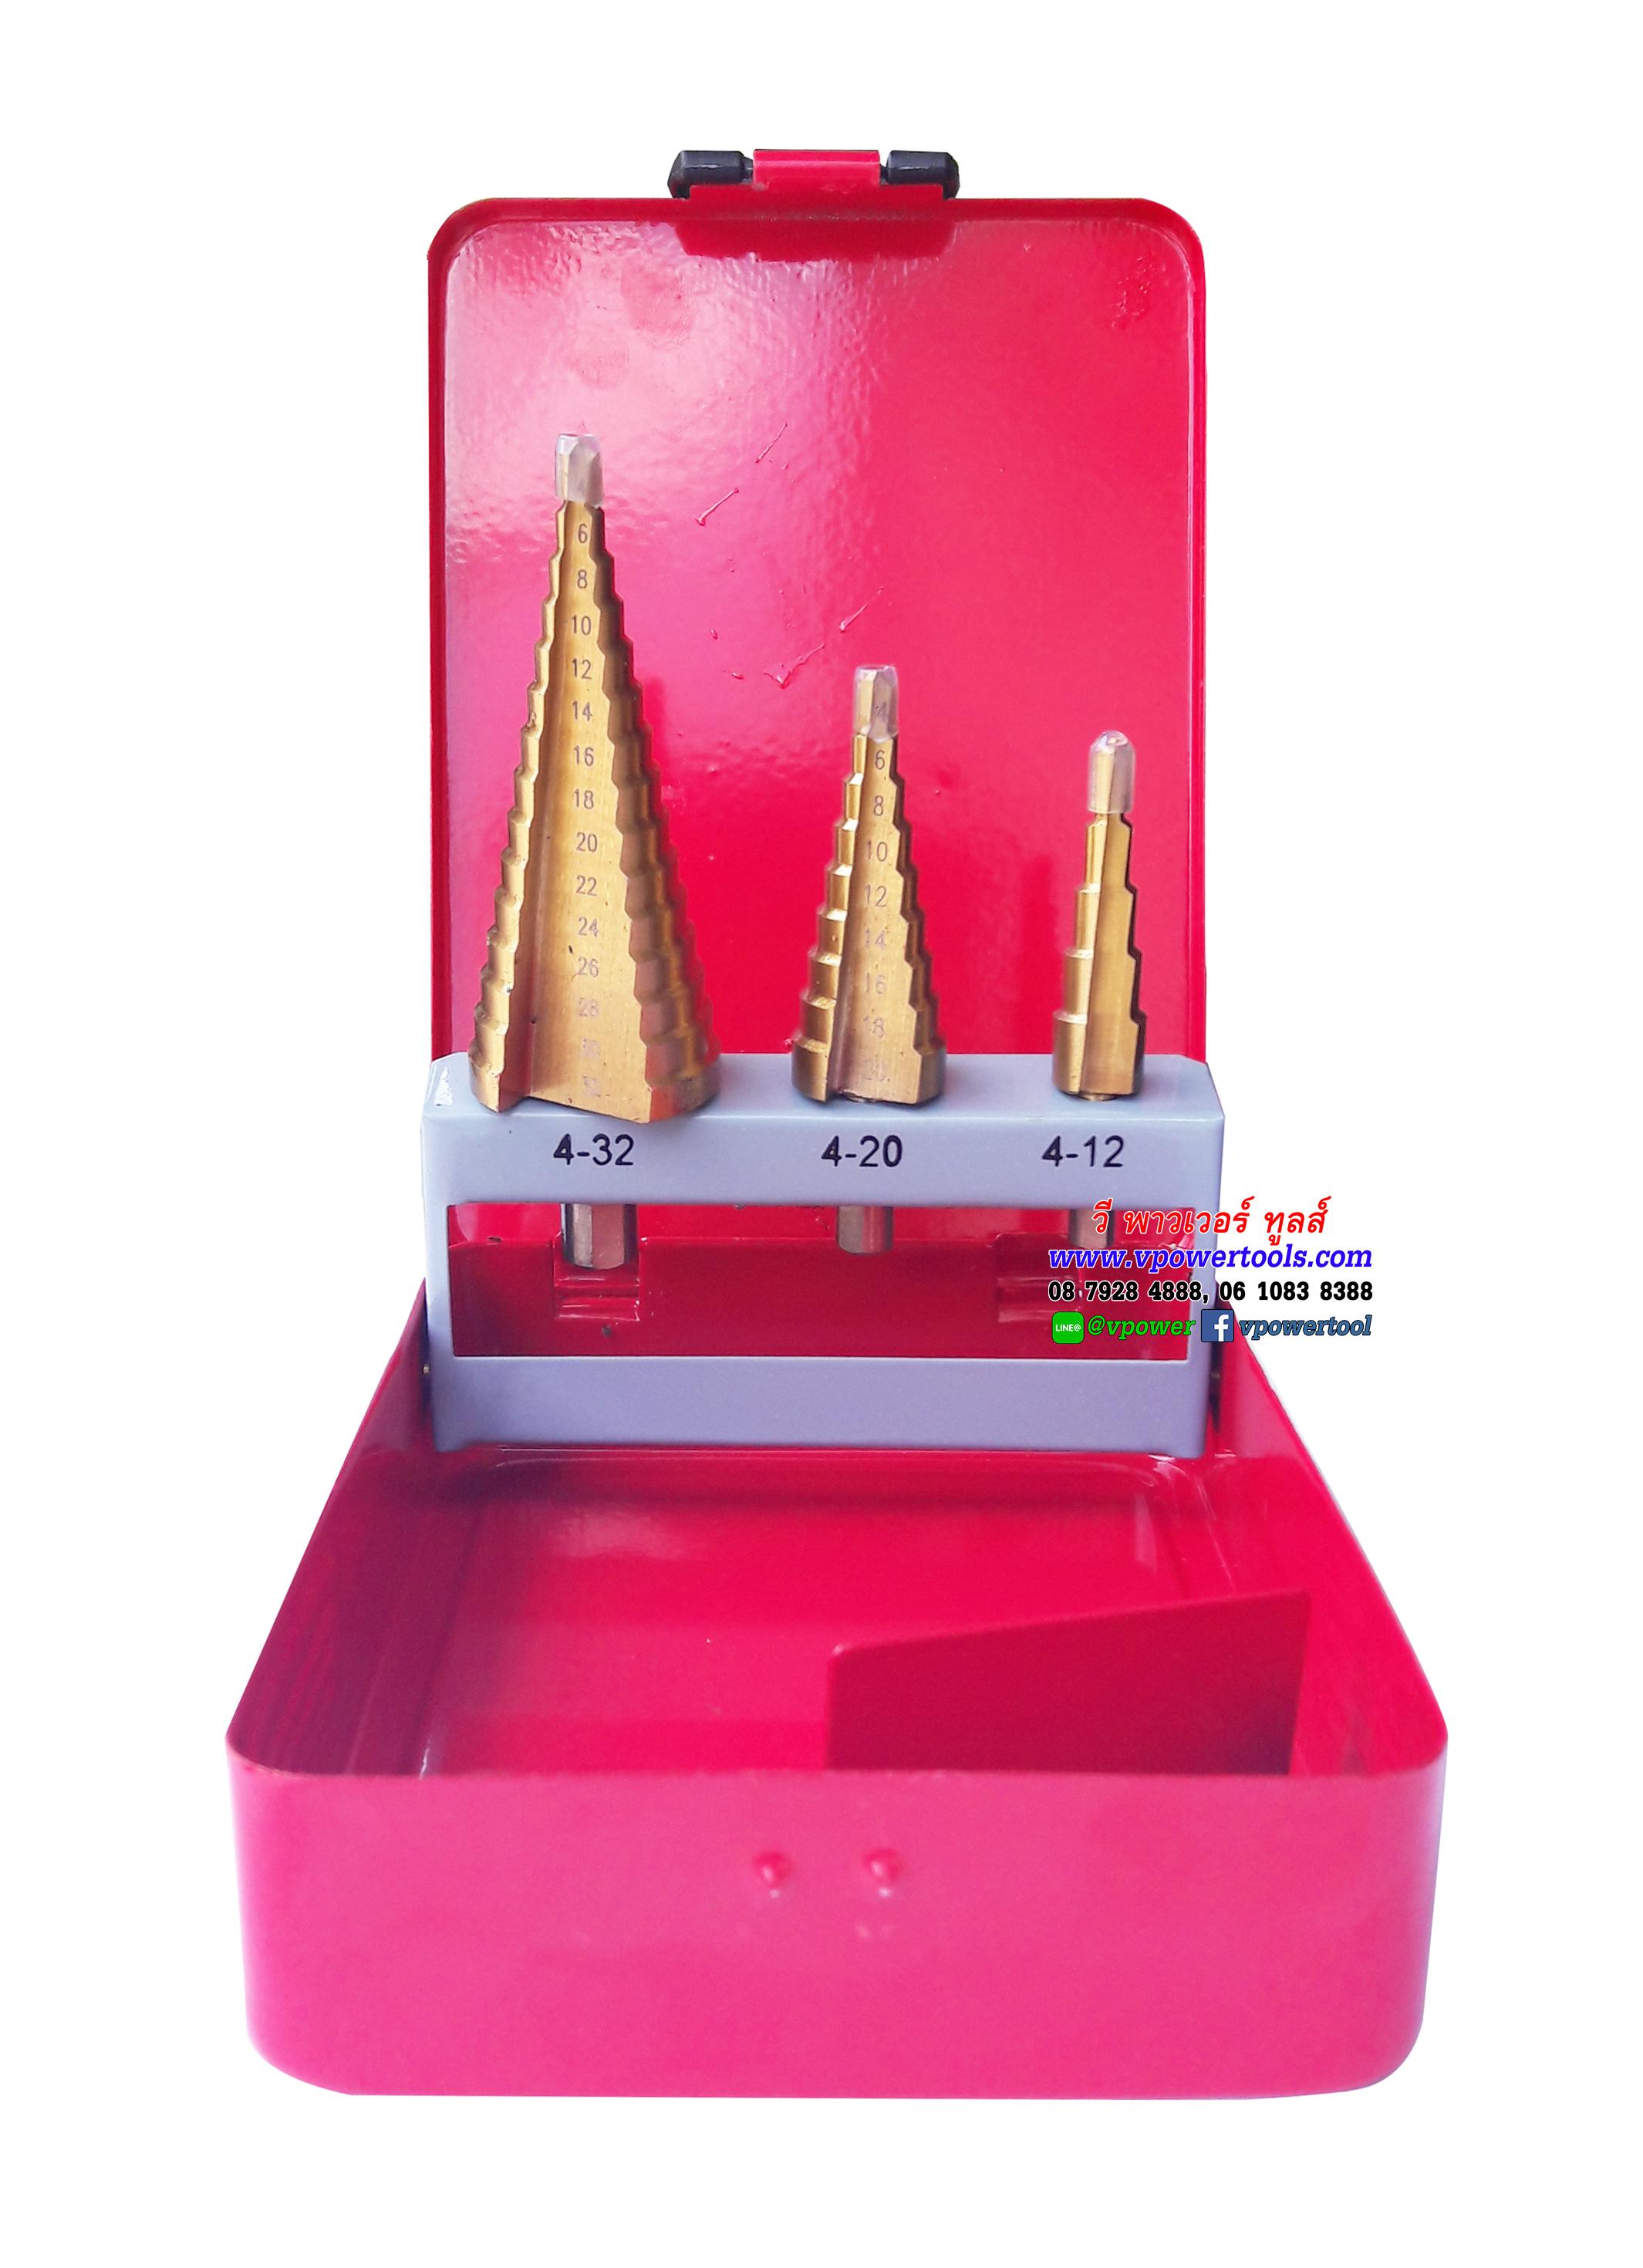 STEP DRILLS ชุดดอกสว่านทรงเจดีย์ เจาะเหล็กขนาด 4-12, 4-20, 4-32 มม. รุ่นประหยัด ผลิตจากจีน